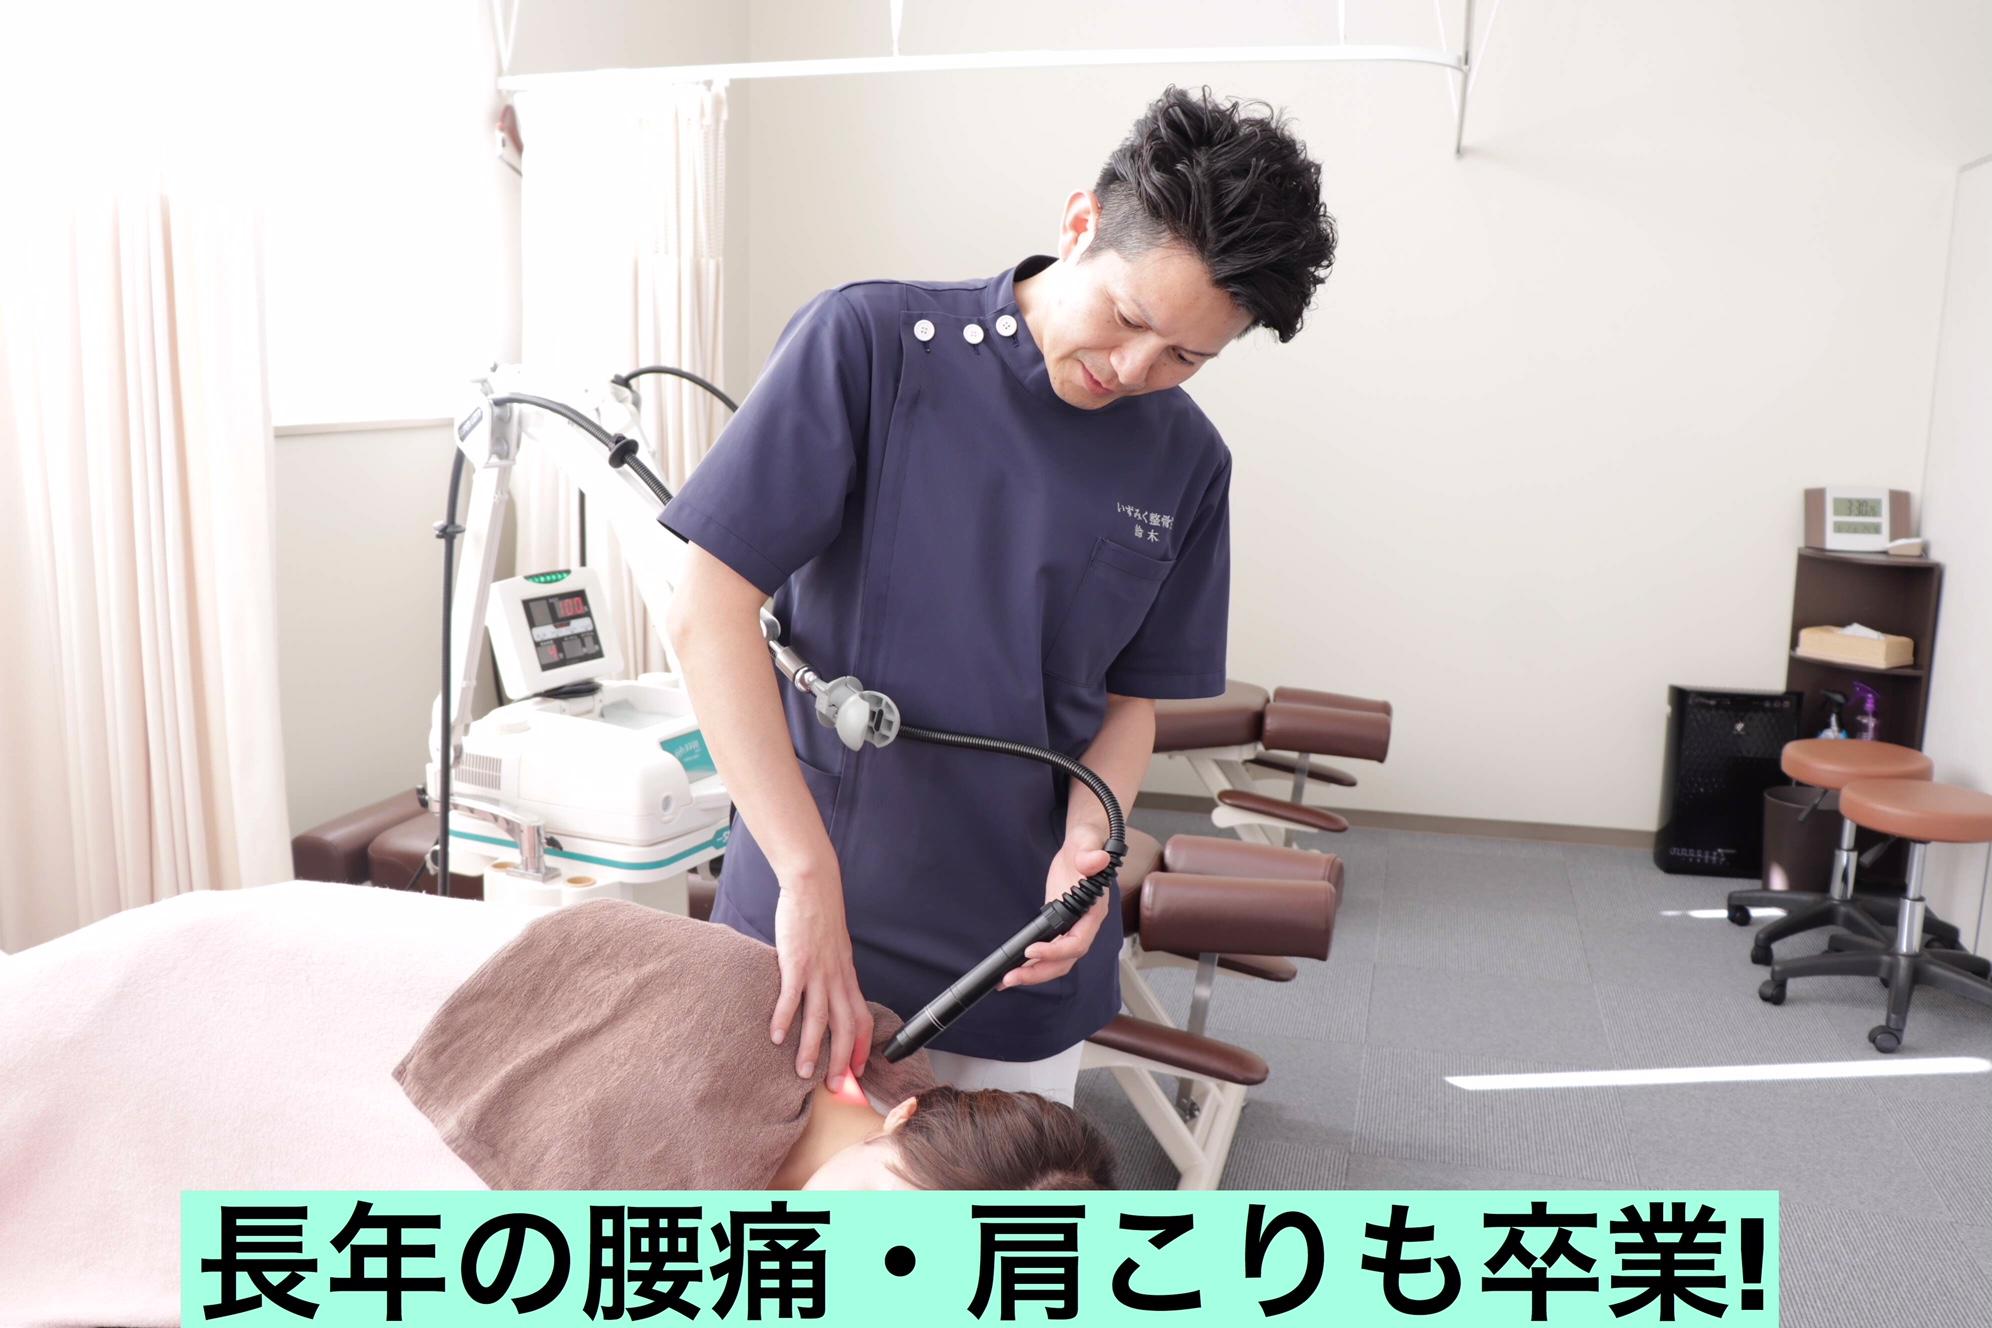 いずみく式肩こり・頭痛施術について